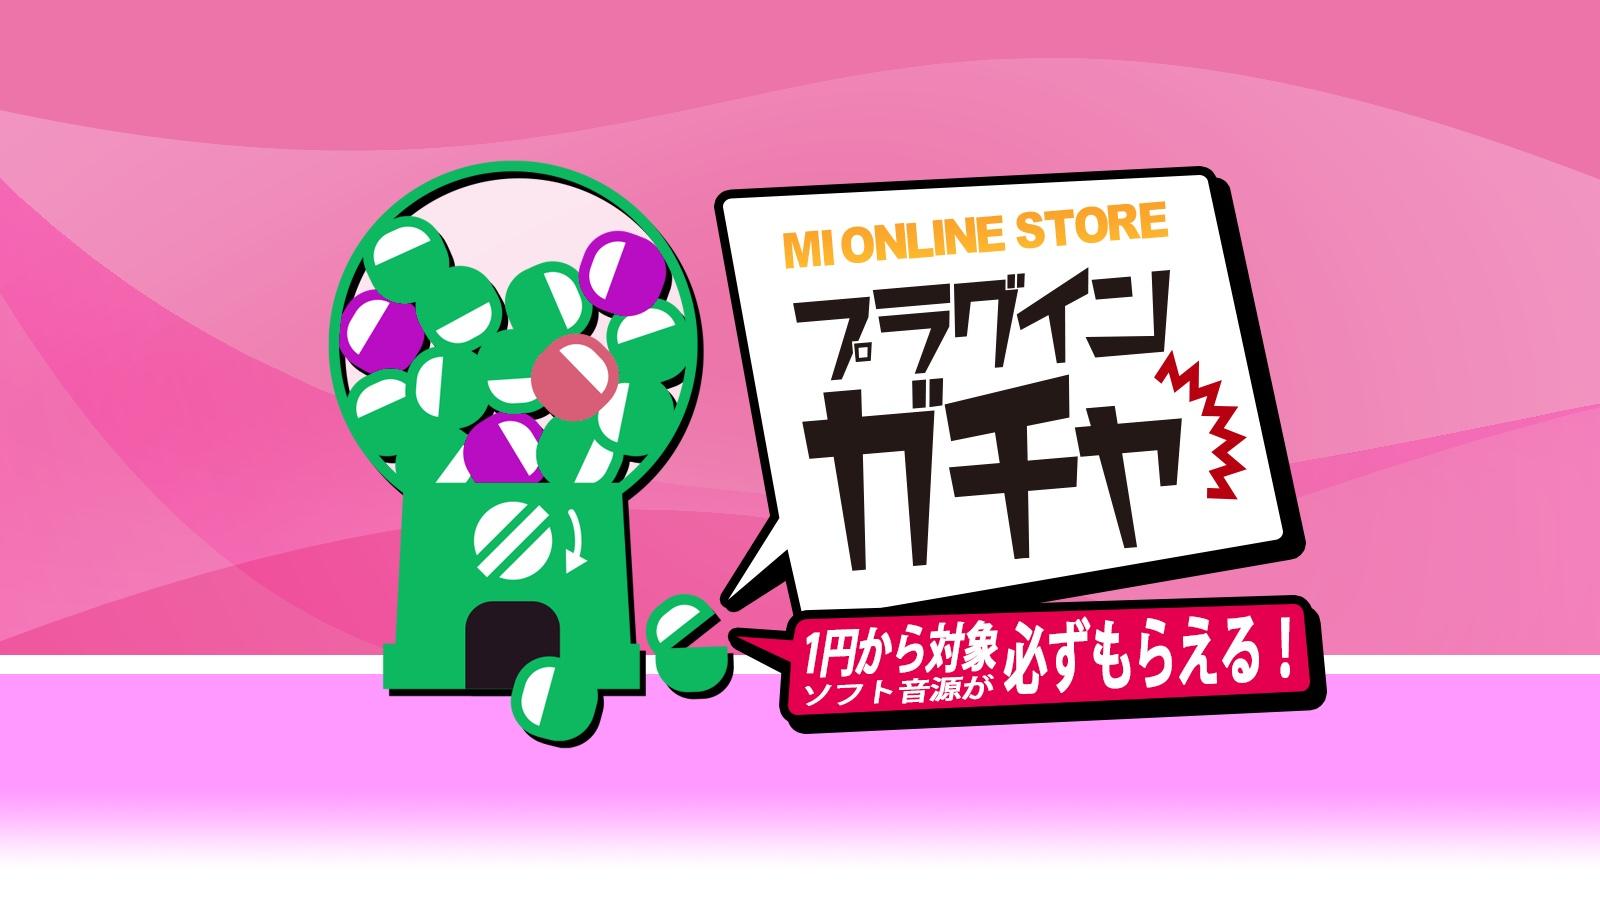 【必ずもらえる】MIオンラインストアにてプラグインガチャ開催!1円以上の買い物で